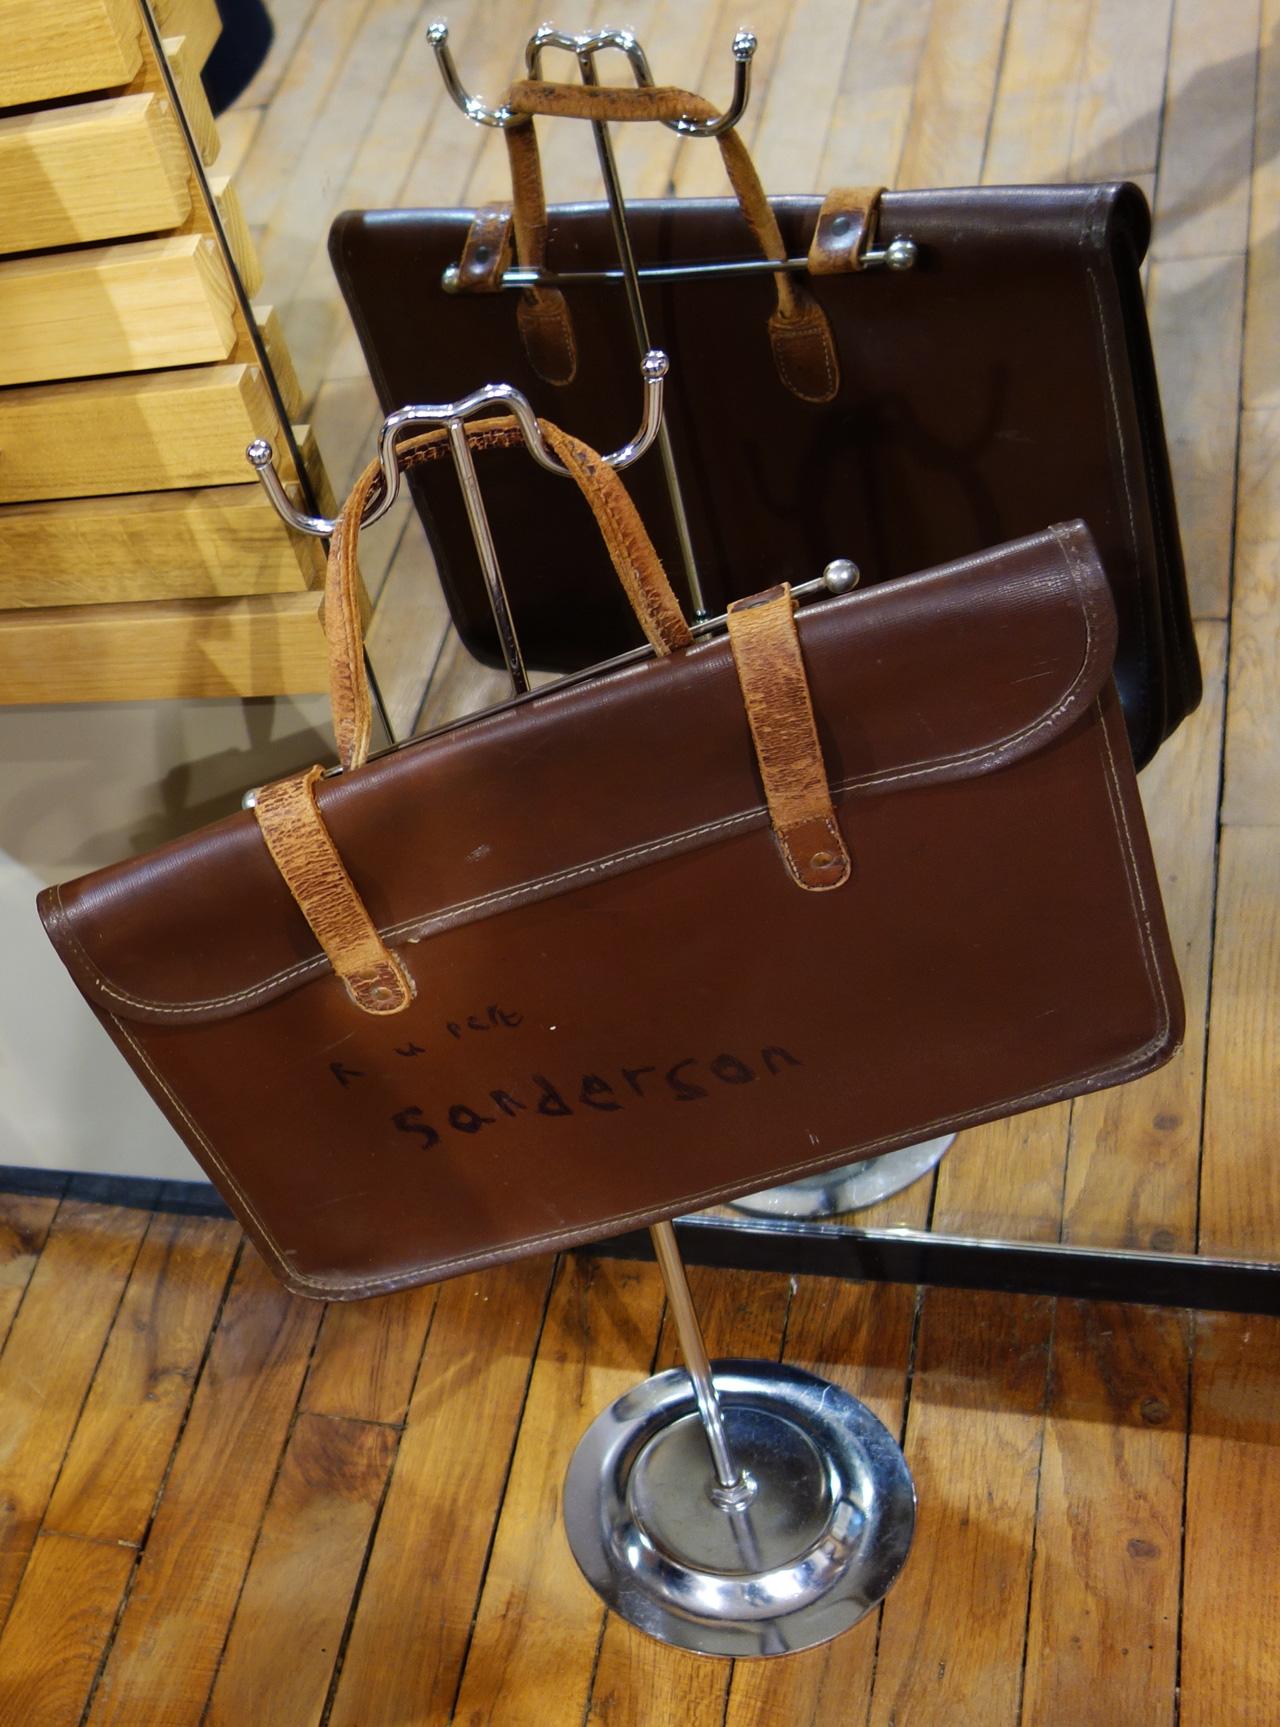 Rupert-Sanderson-Winter-2013-bags-08